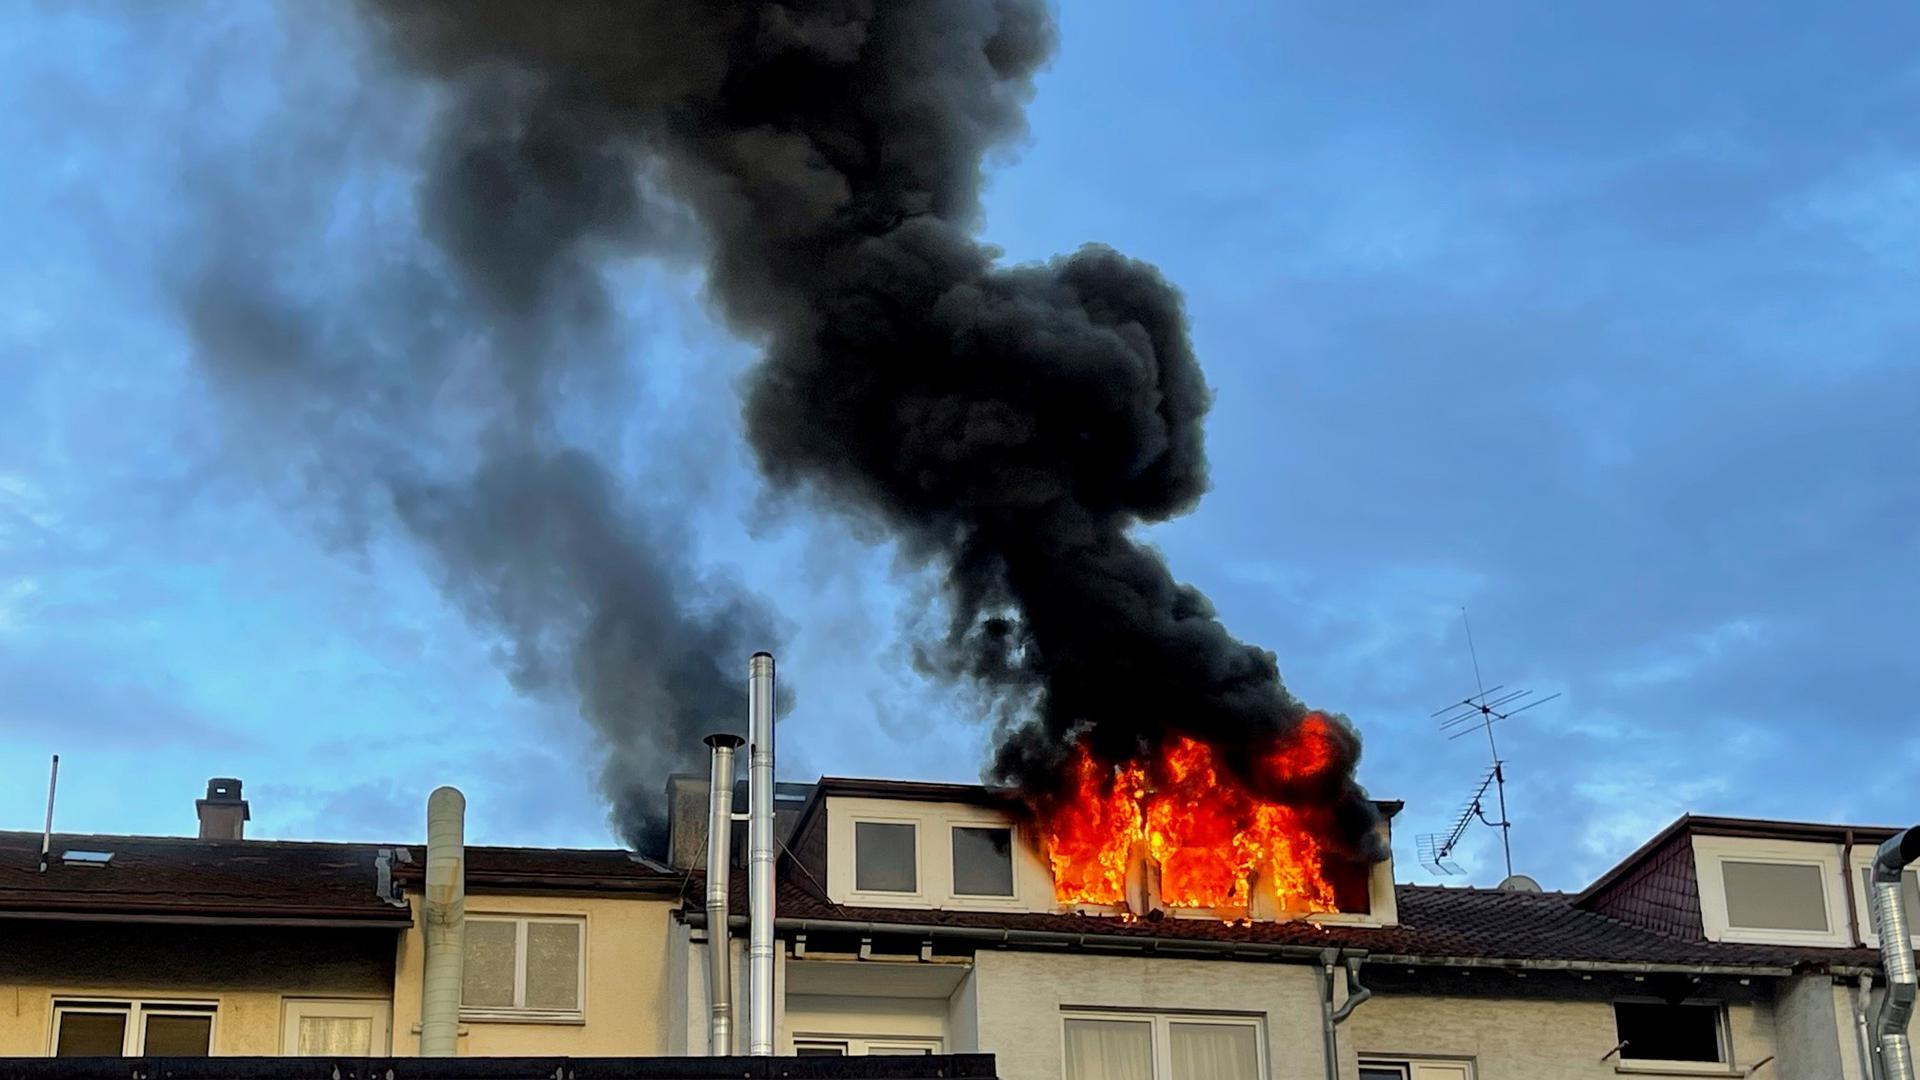 Brennender Dachstuhl eines Mehrfamilienhauses mit hoher Rauchsäule.